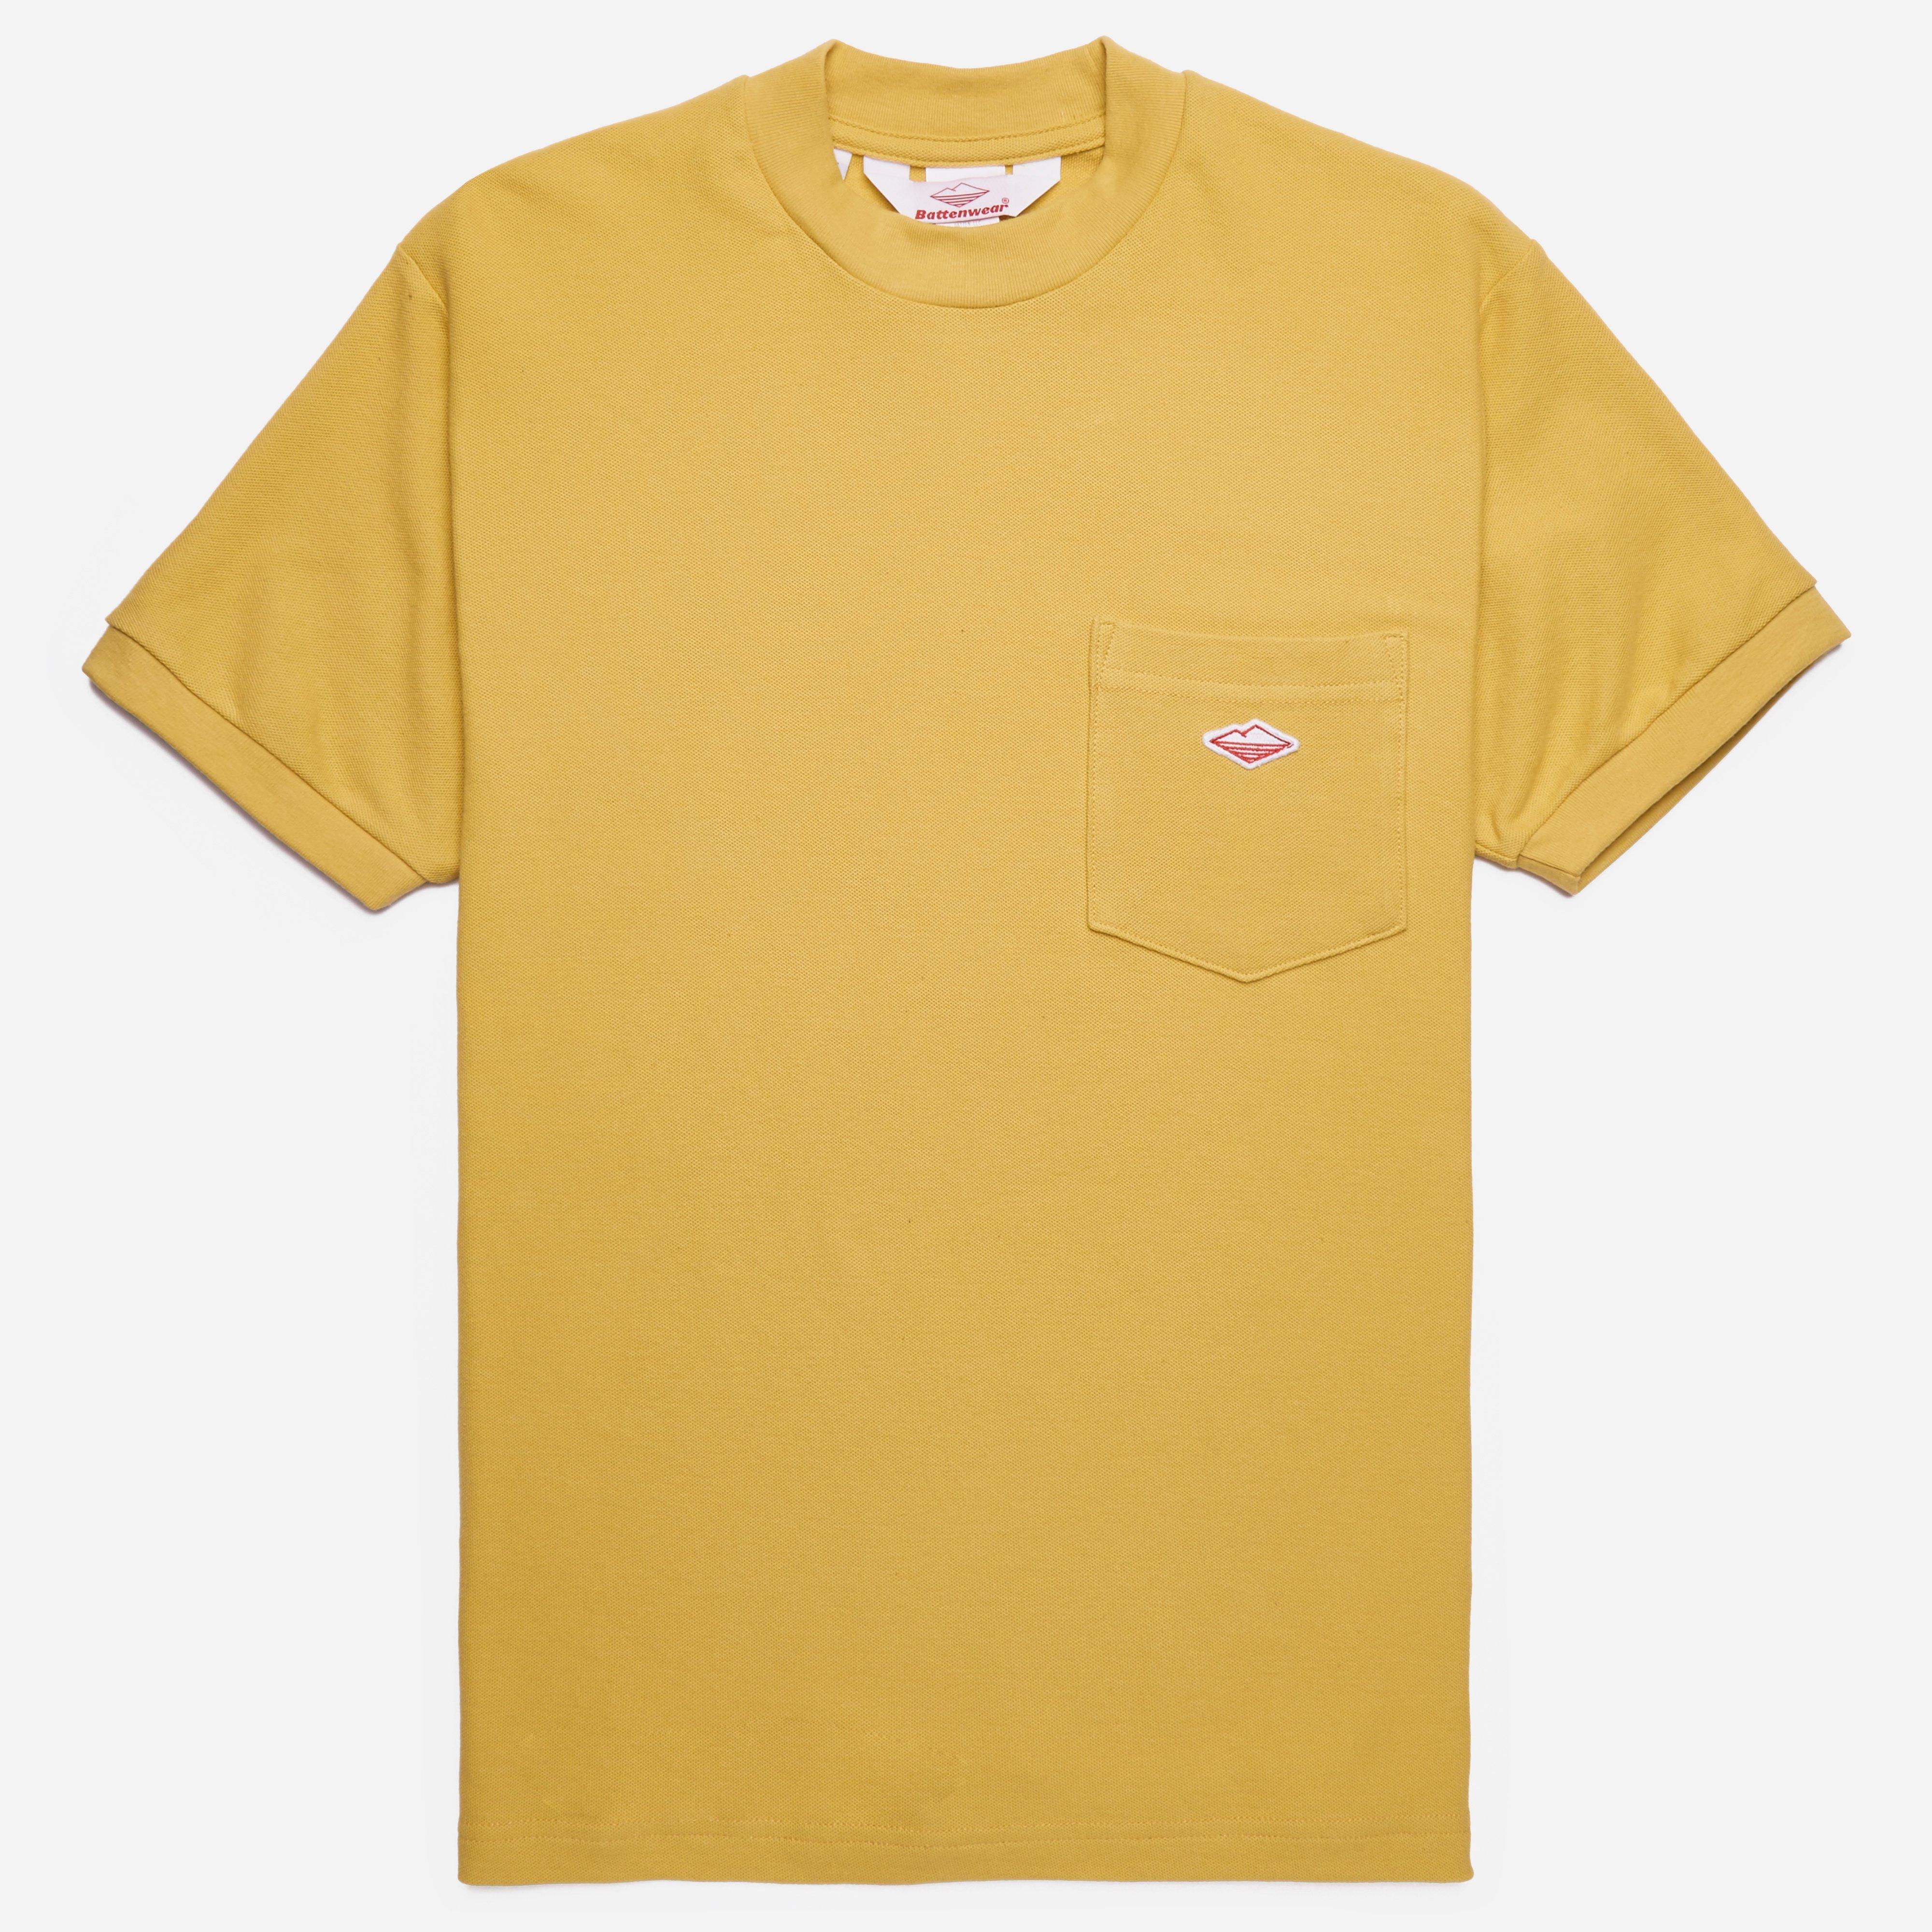 Battenwear Polo Tee